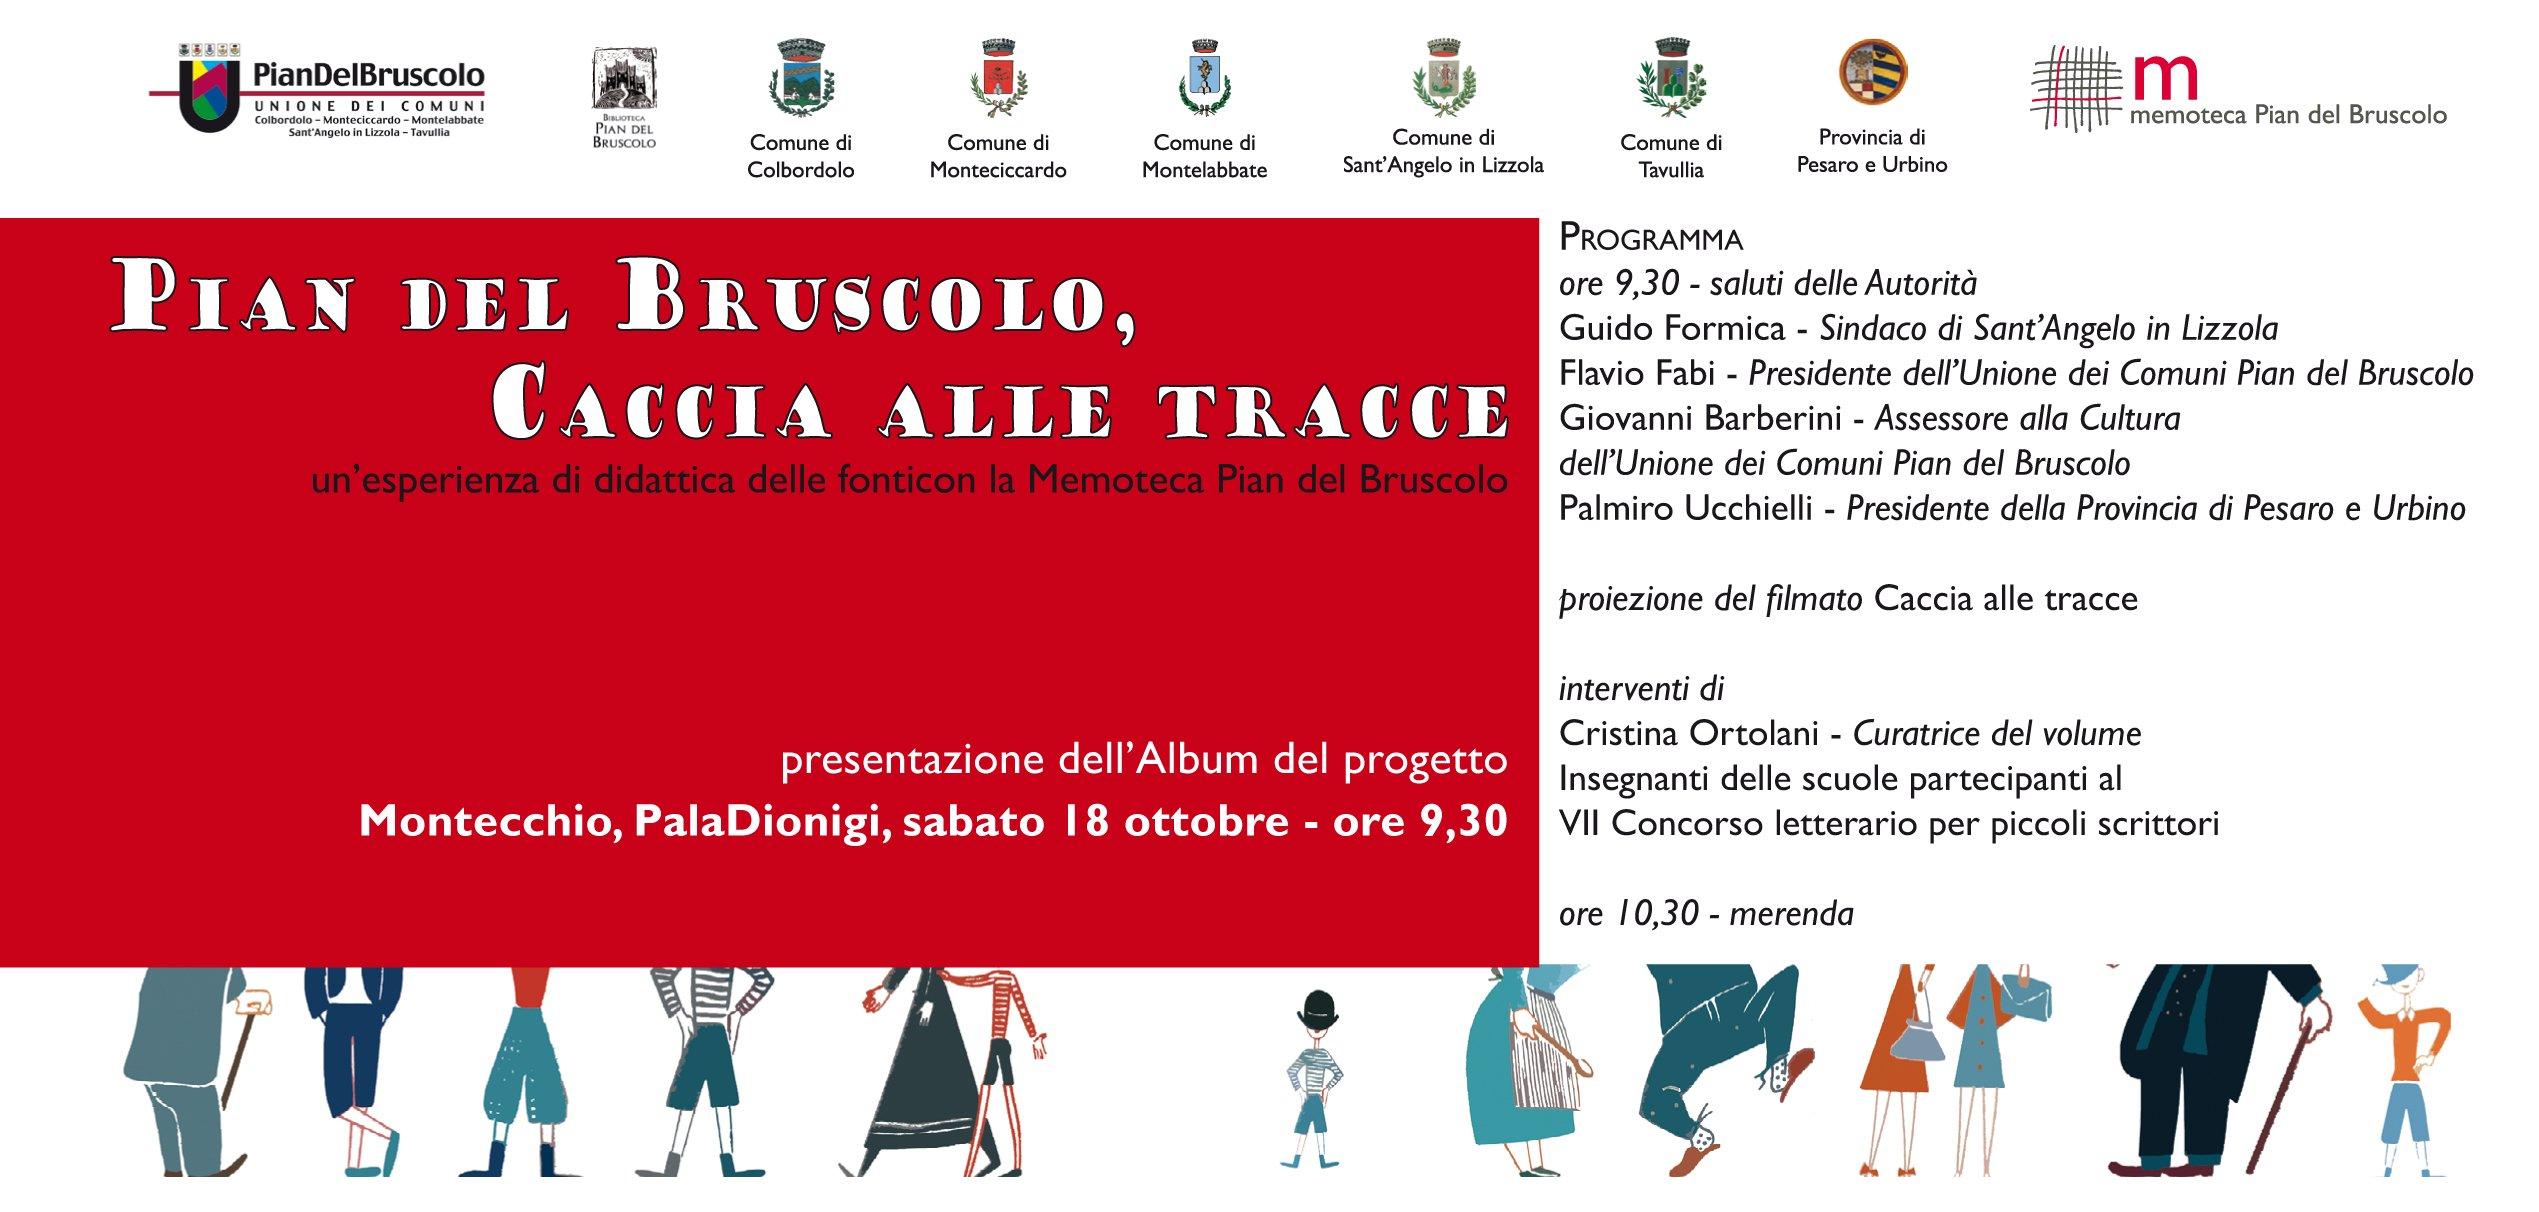 Memoteca Pian del Bruscolo - 2007/2008